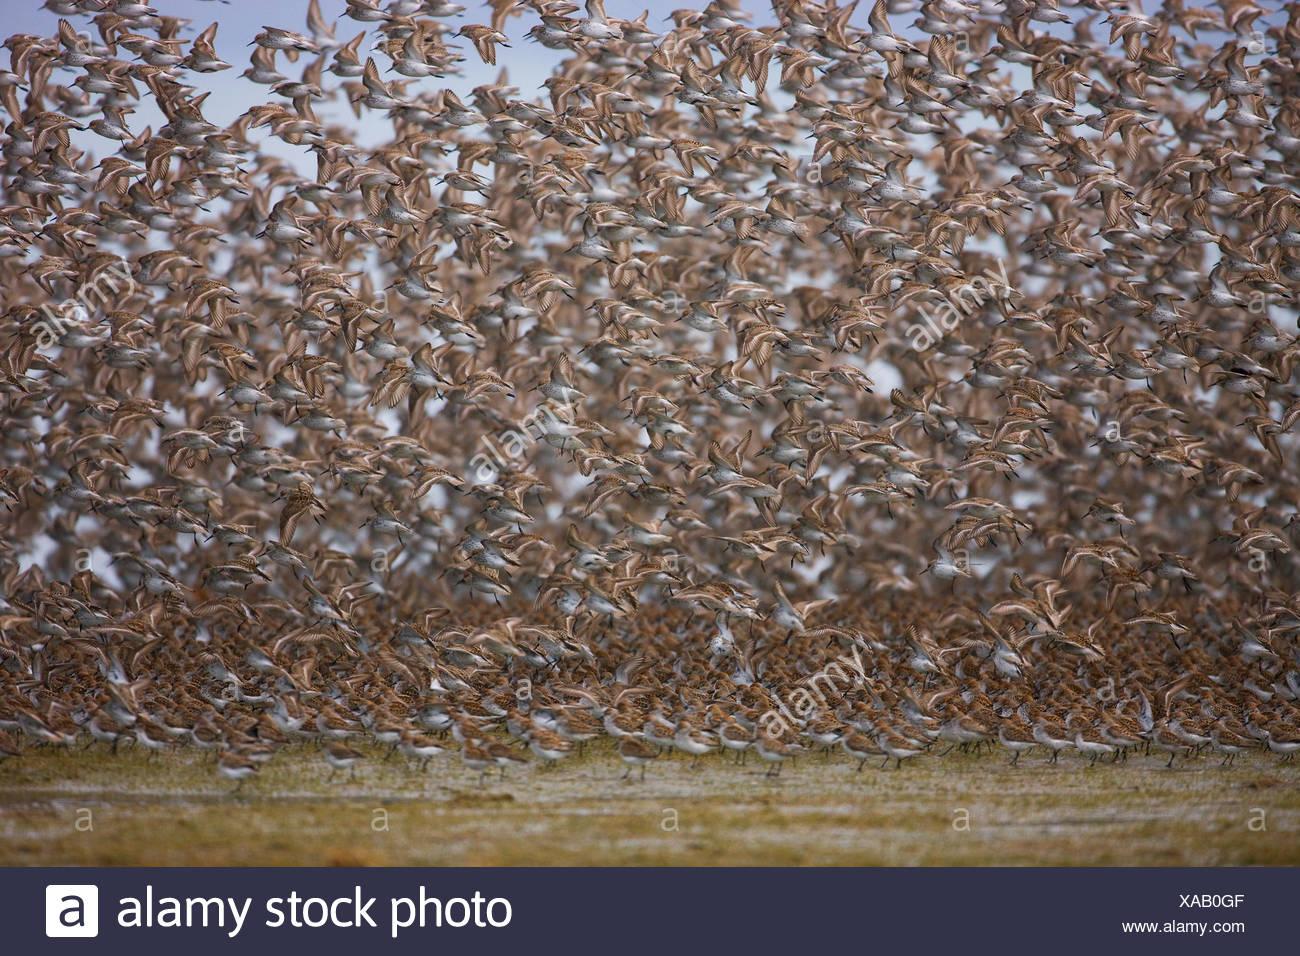 Shorebird migration on the Copper River Delta, Chugach National Forest, Cordova, Alaska - Stock Image